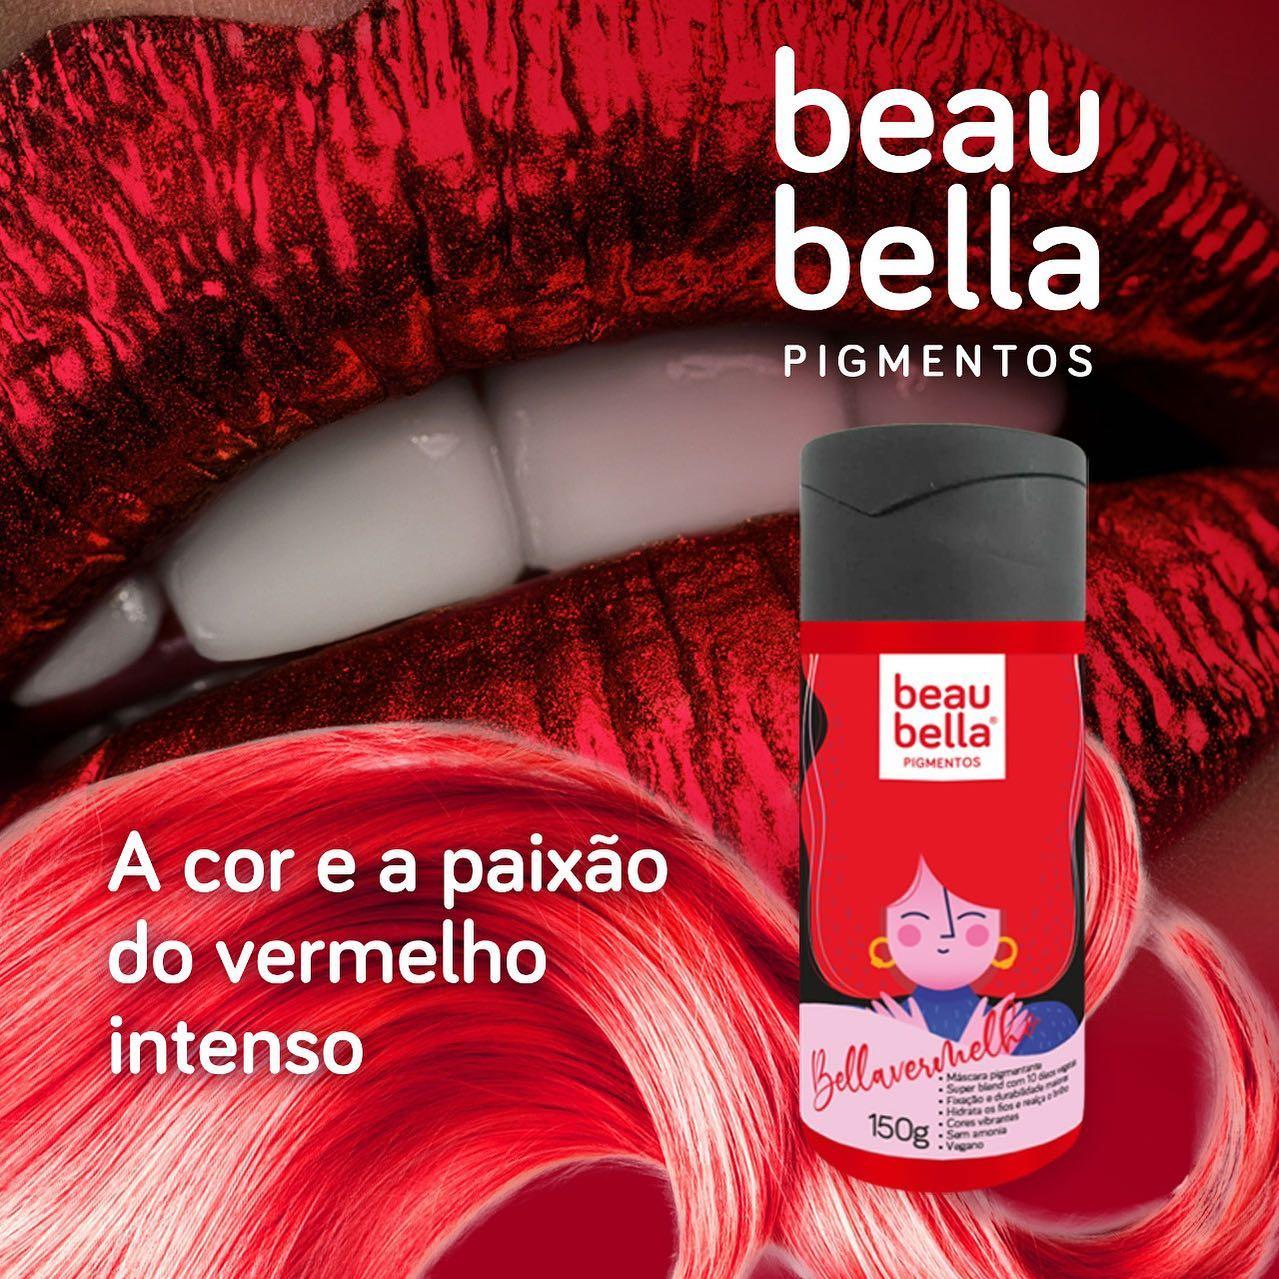 Máscara Pigmentante Beau Bella Bellavermelho - 150g